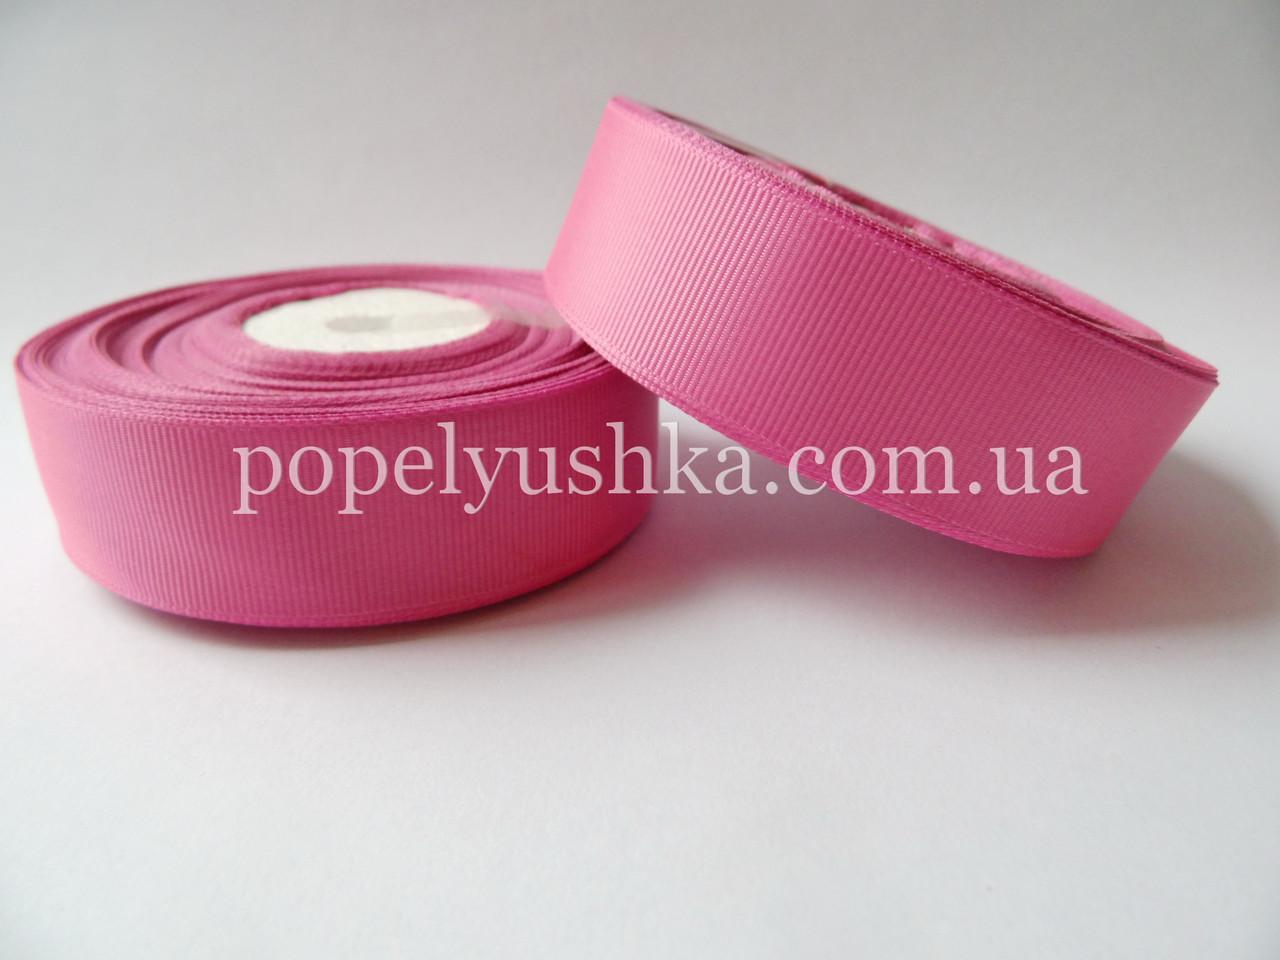 Стрічка репсова 2,5см яскраво-рожева